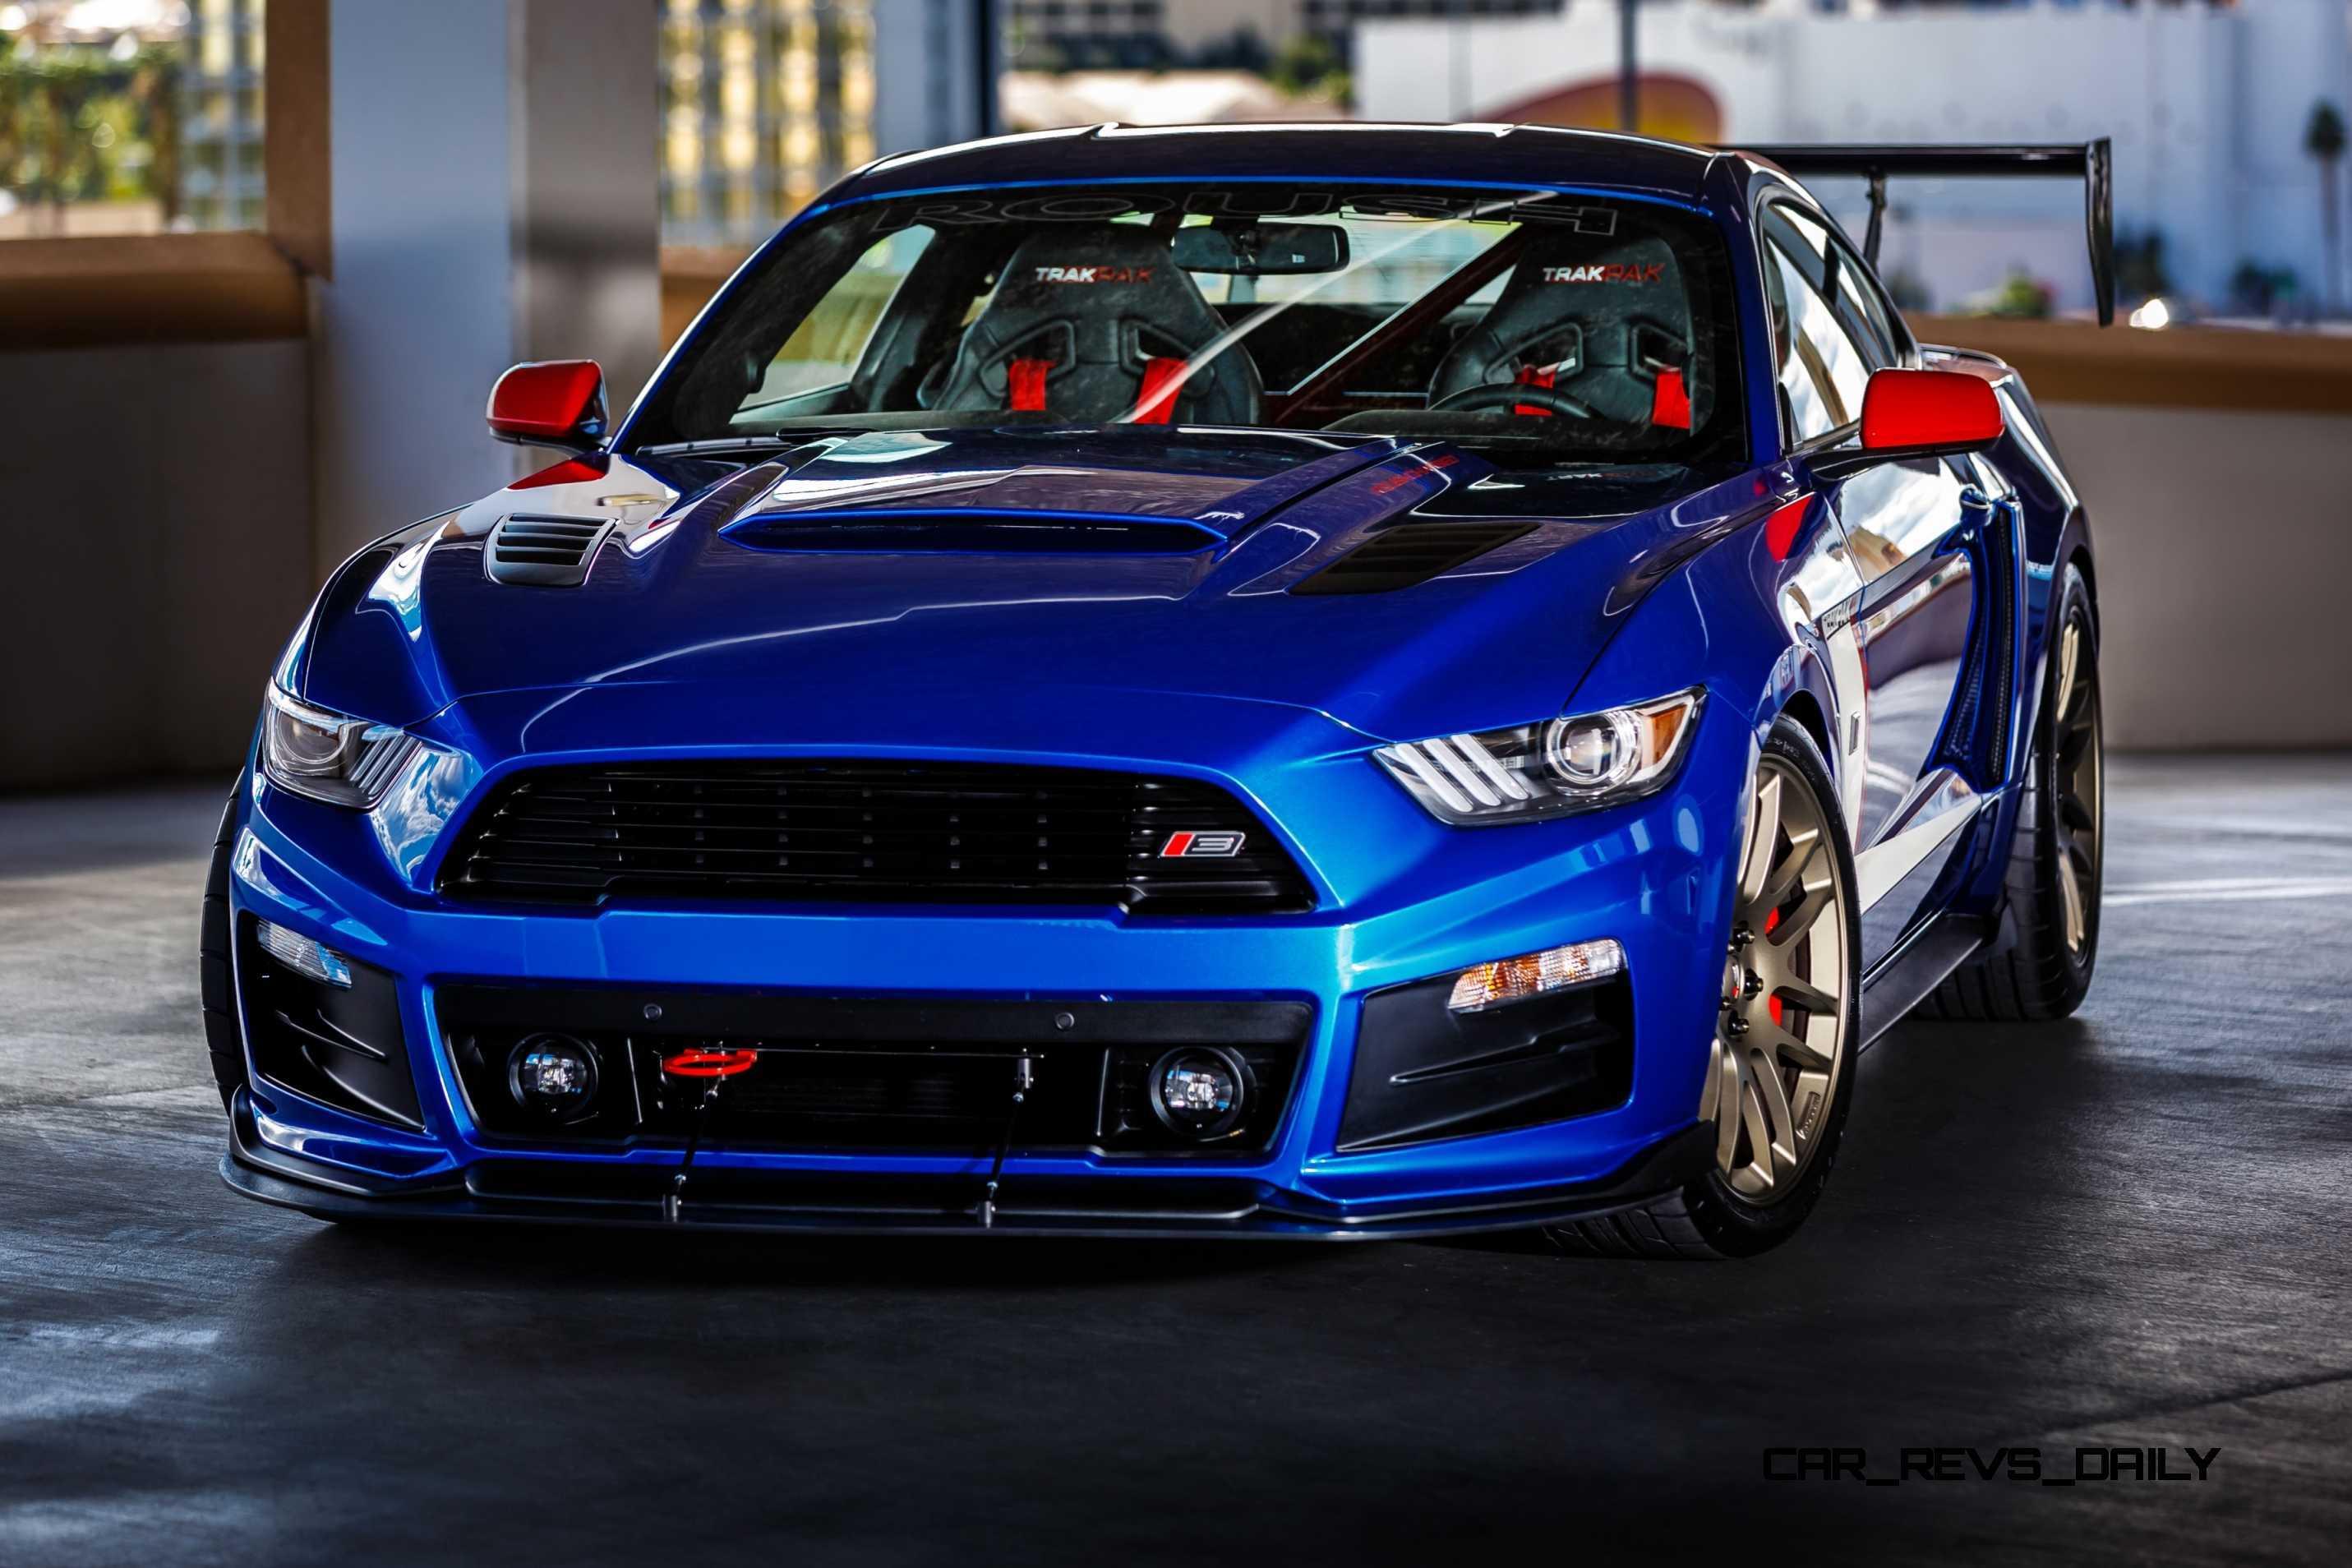 2015 Ford Mustang SEMA Showcars